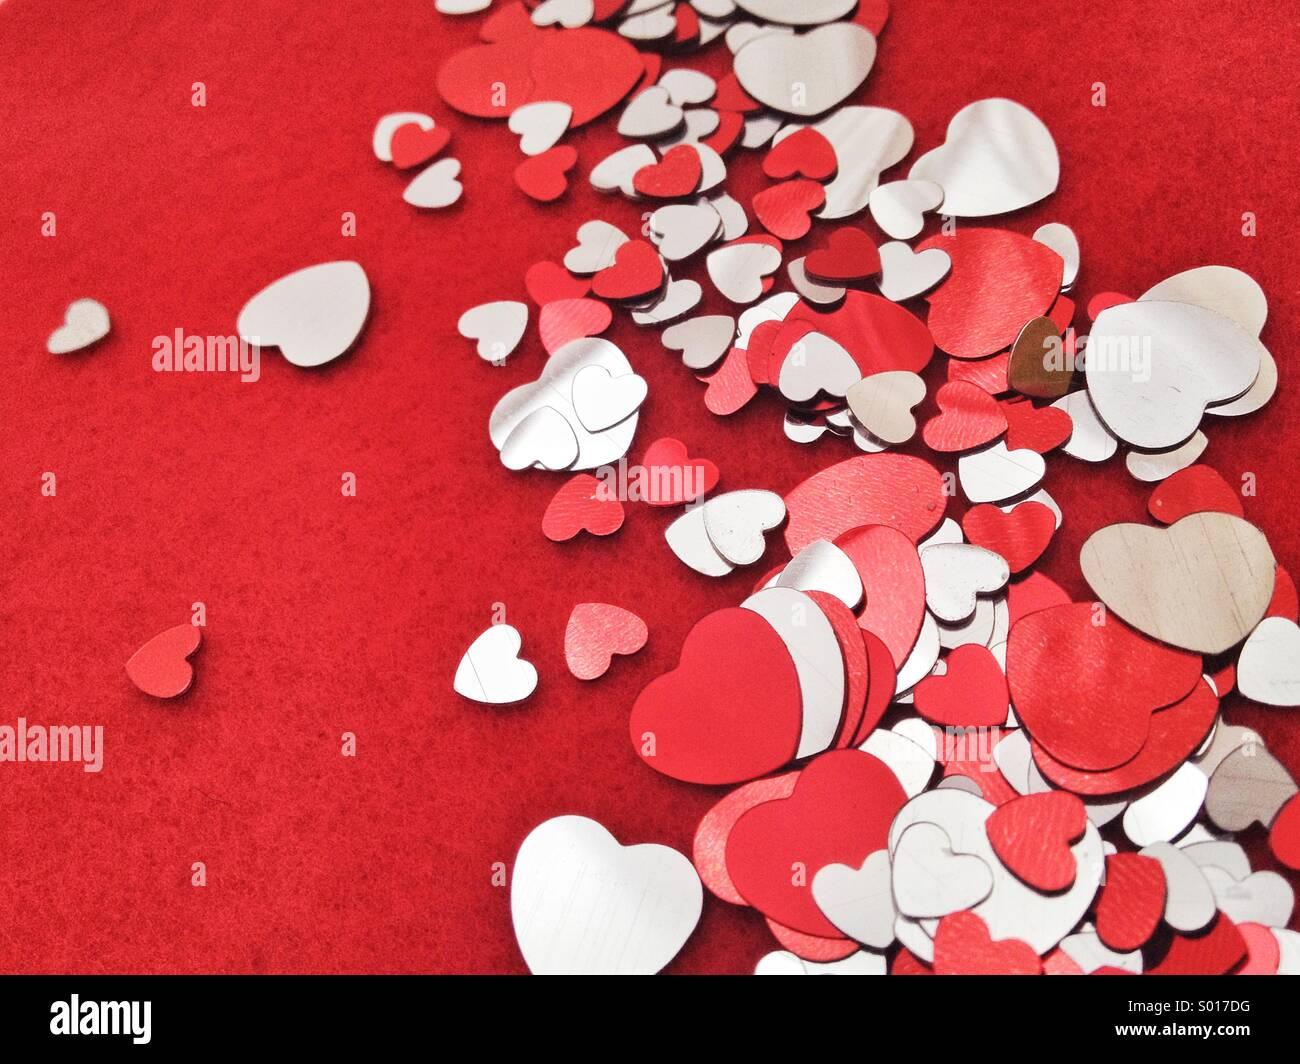 Confettis en forme de coeur Photo Stock